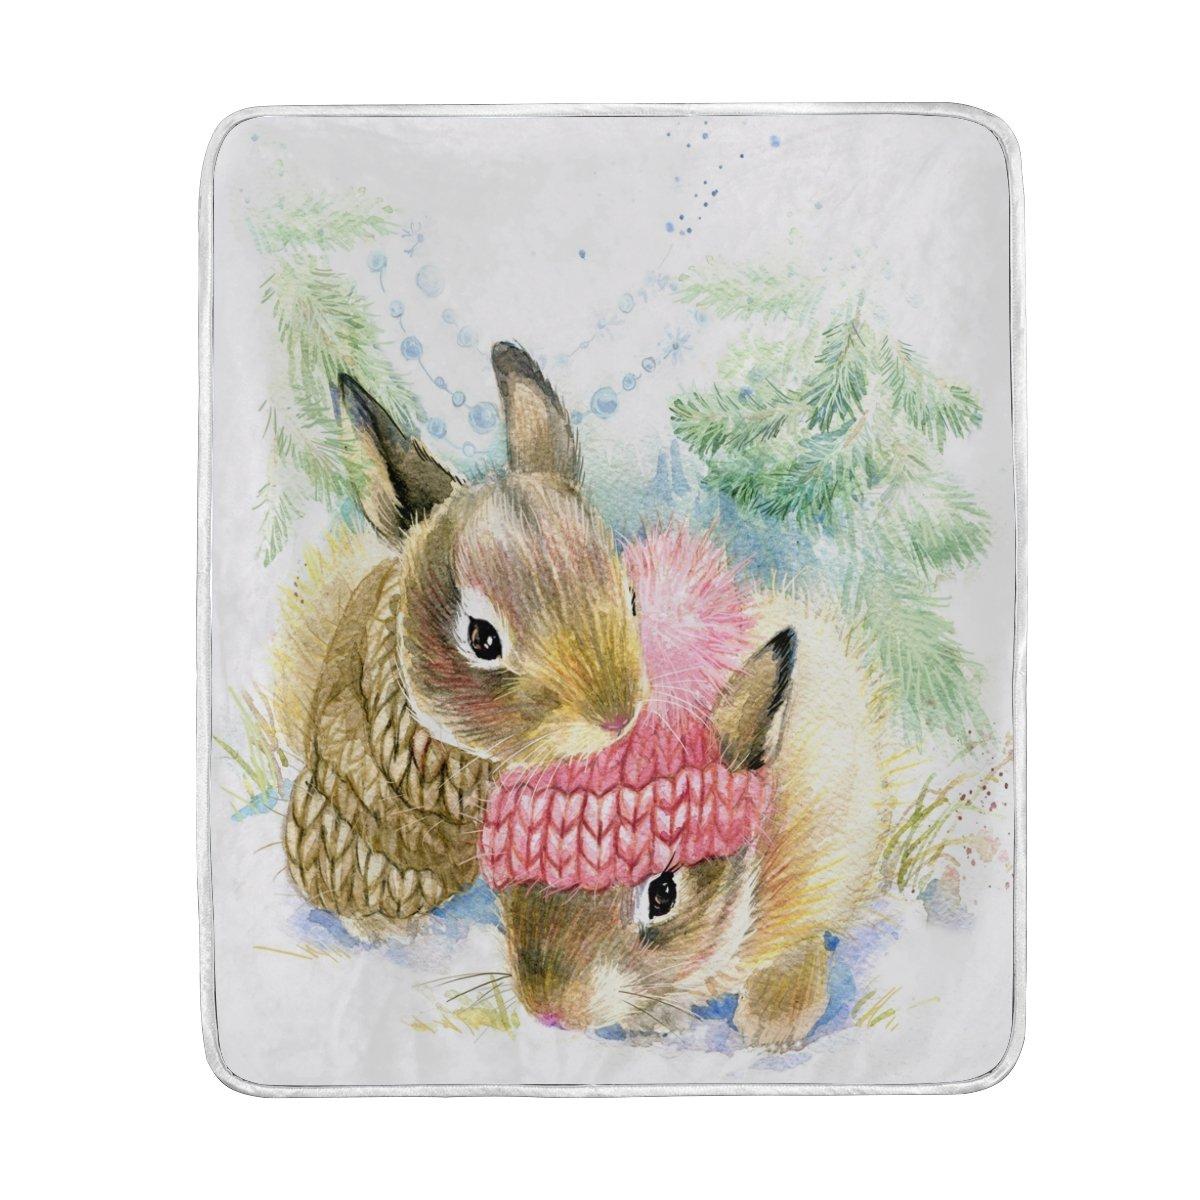 50インチ女性のためのスローサイズキッズ男の子 Alazaホームインテリア冬フォレストクリスマスBunny x Rabbit毛布ソフト暖かい毛布ベッドソファソファ軽量旅行キャンプ60 B076JG4BNH